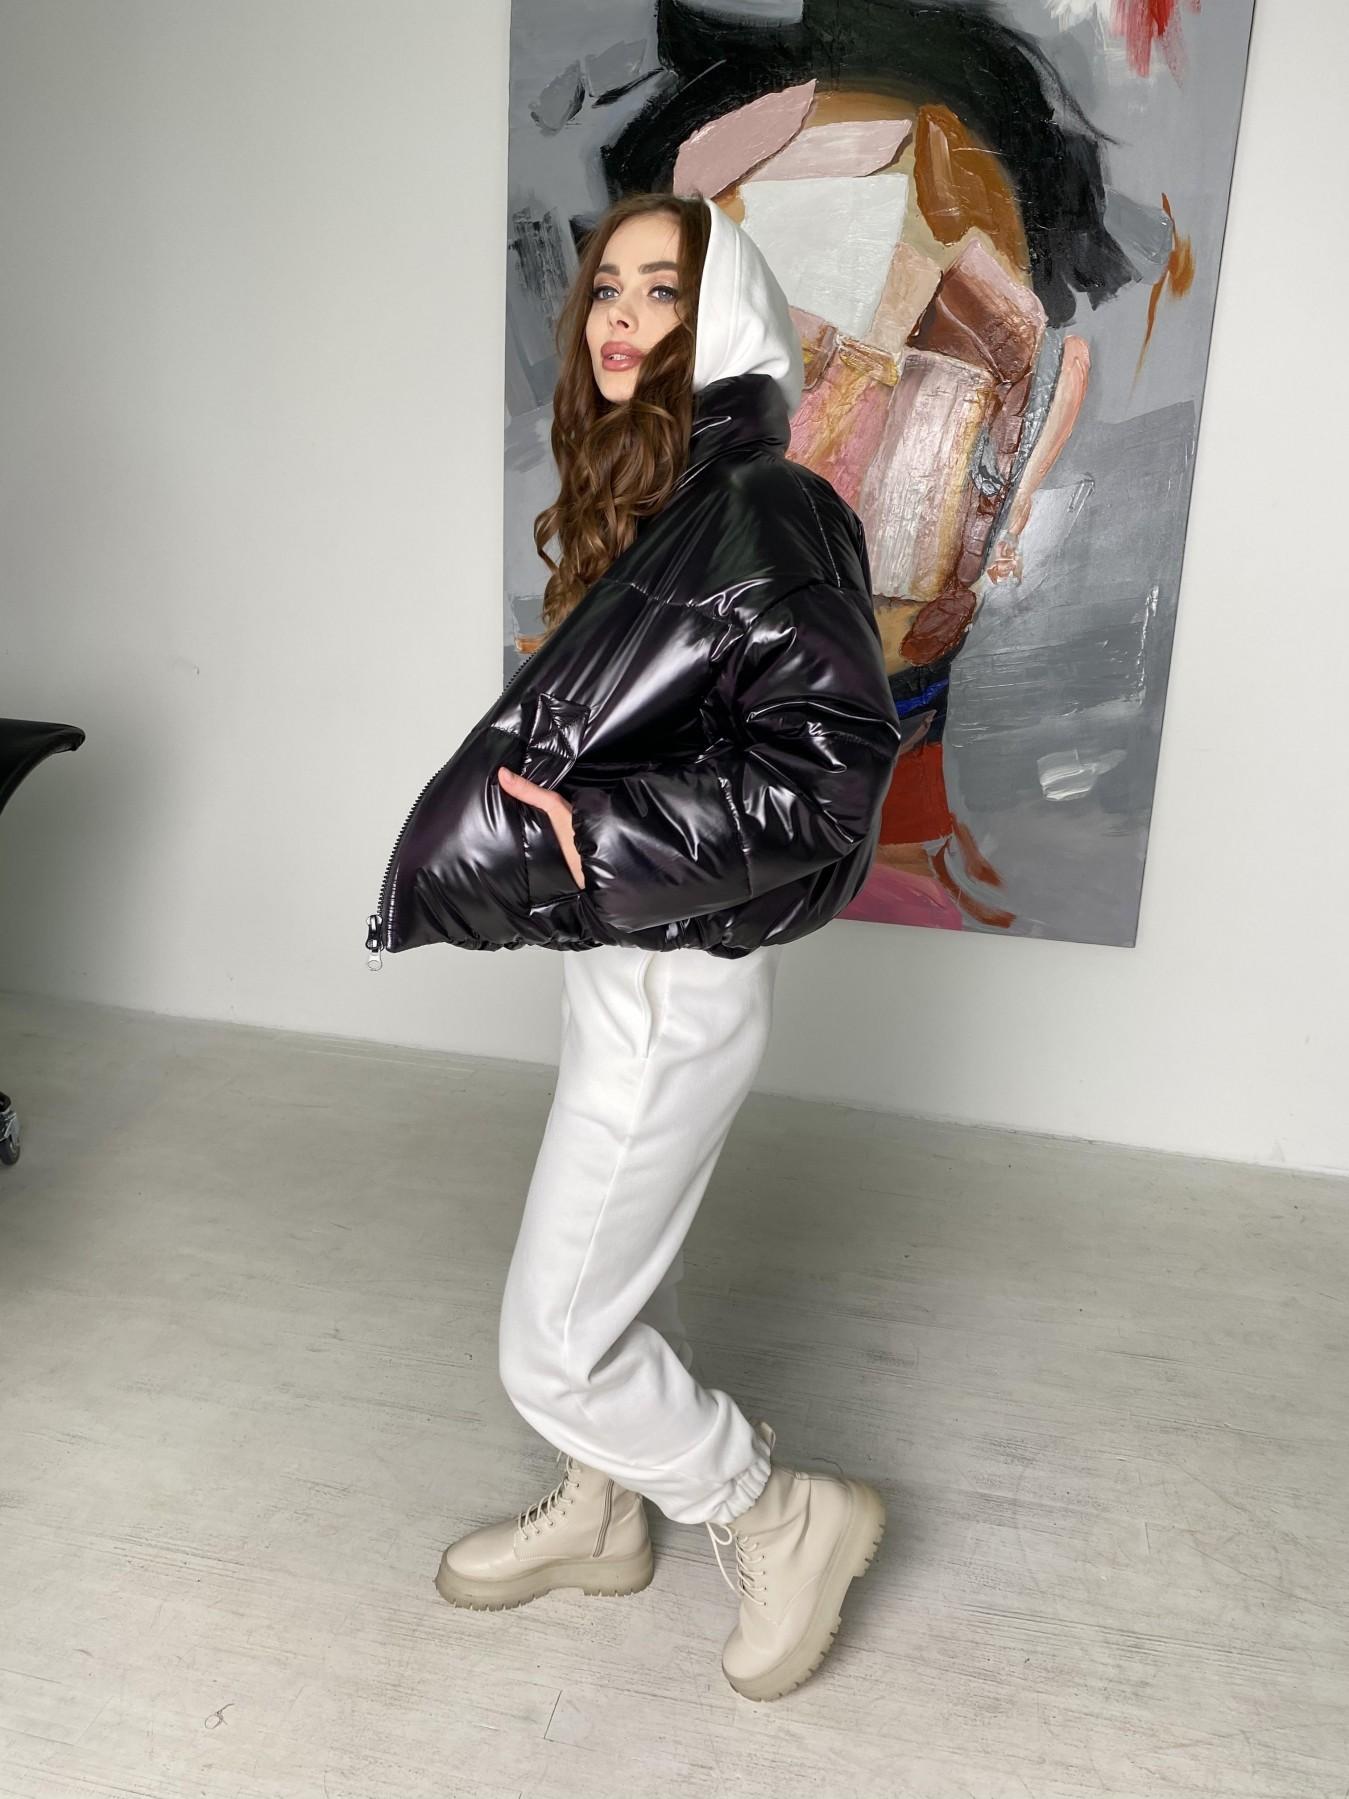 Драйв куртка из плащевой ткани 10497 АРТ. 46843 Цвет: Черный - фото 6, интернет магазин tm-modus.ru